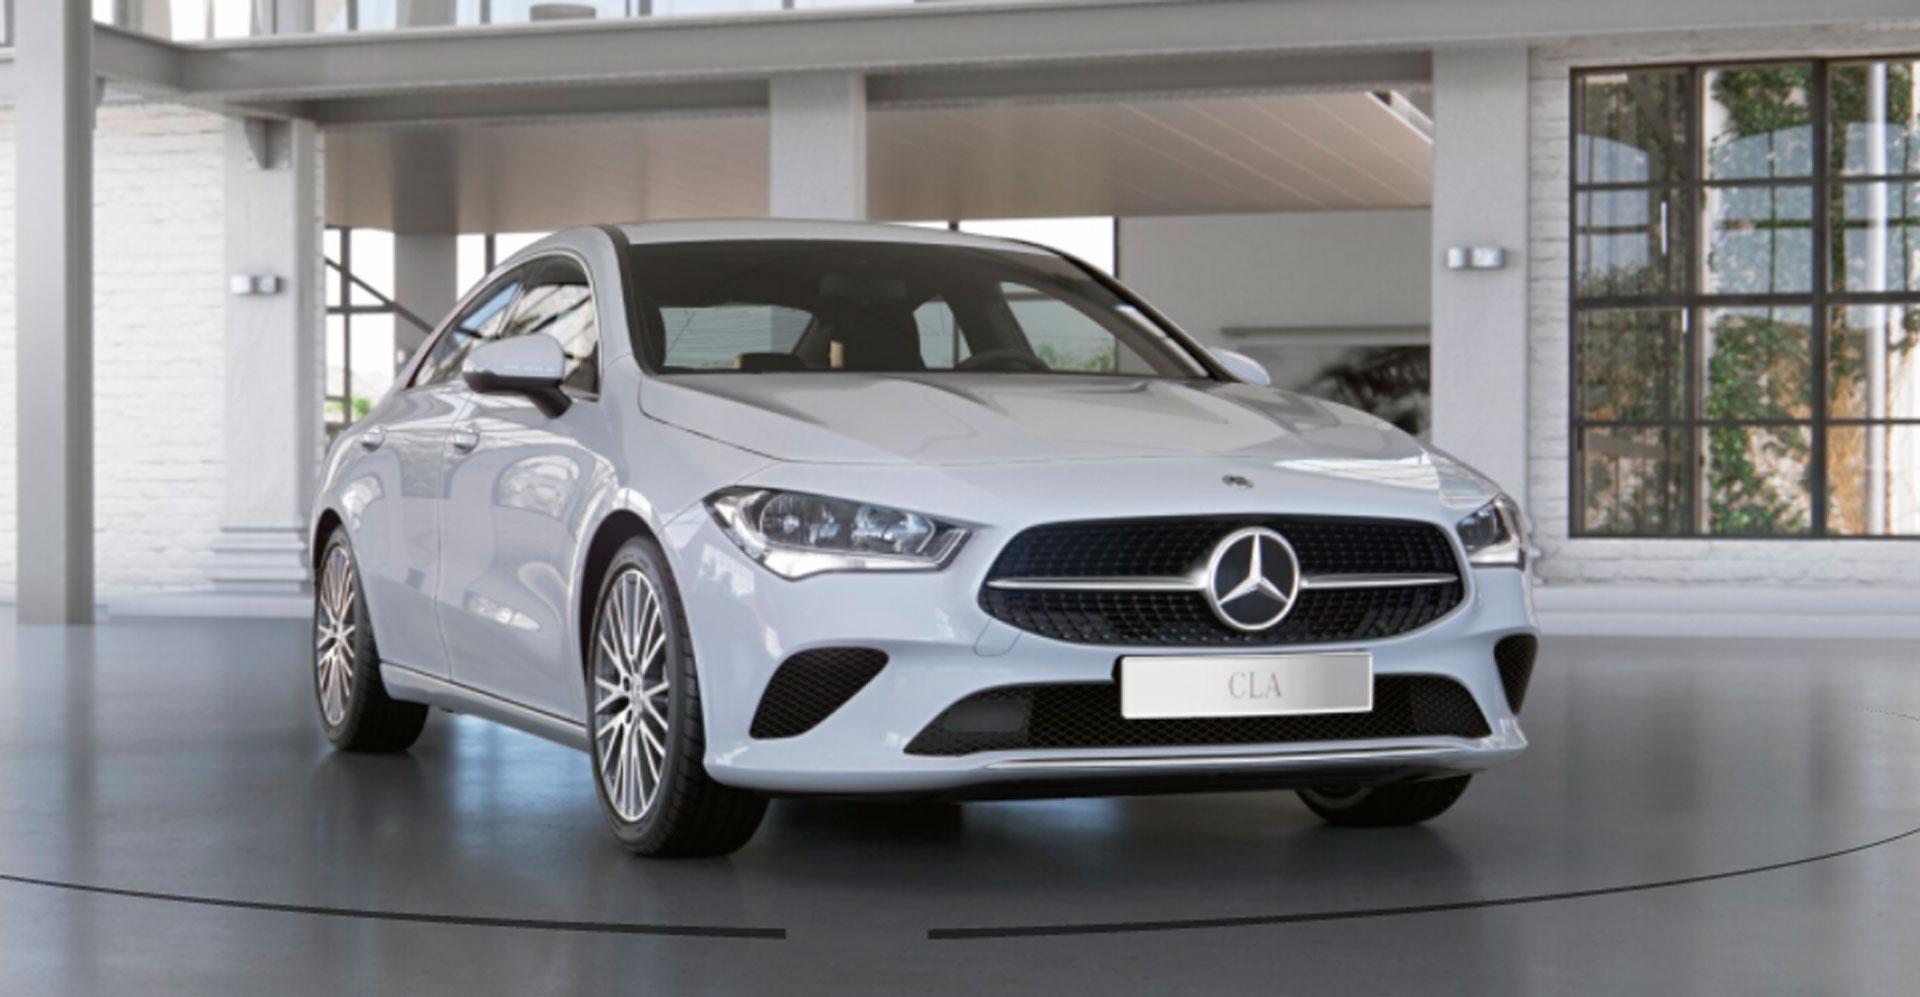 Mercedes-Benz CLA-Class 0152605012